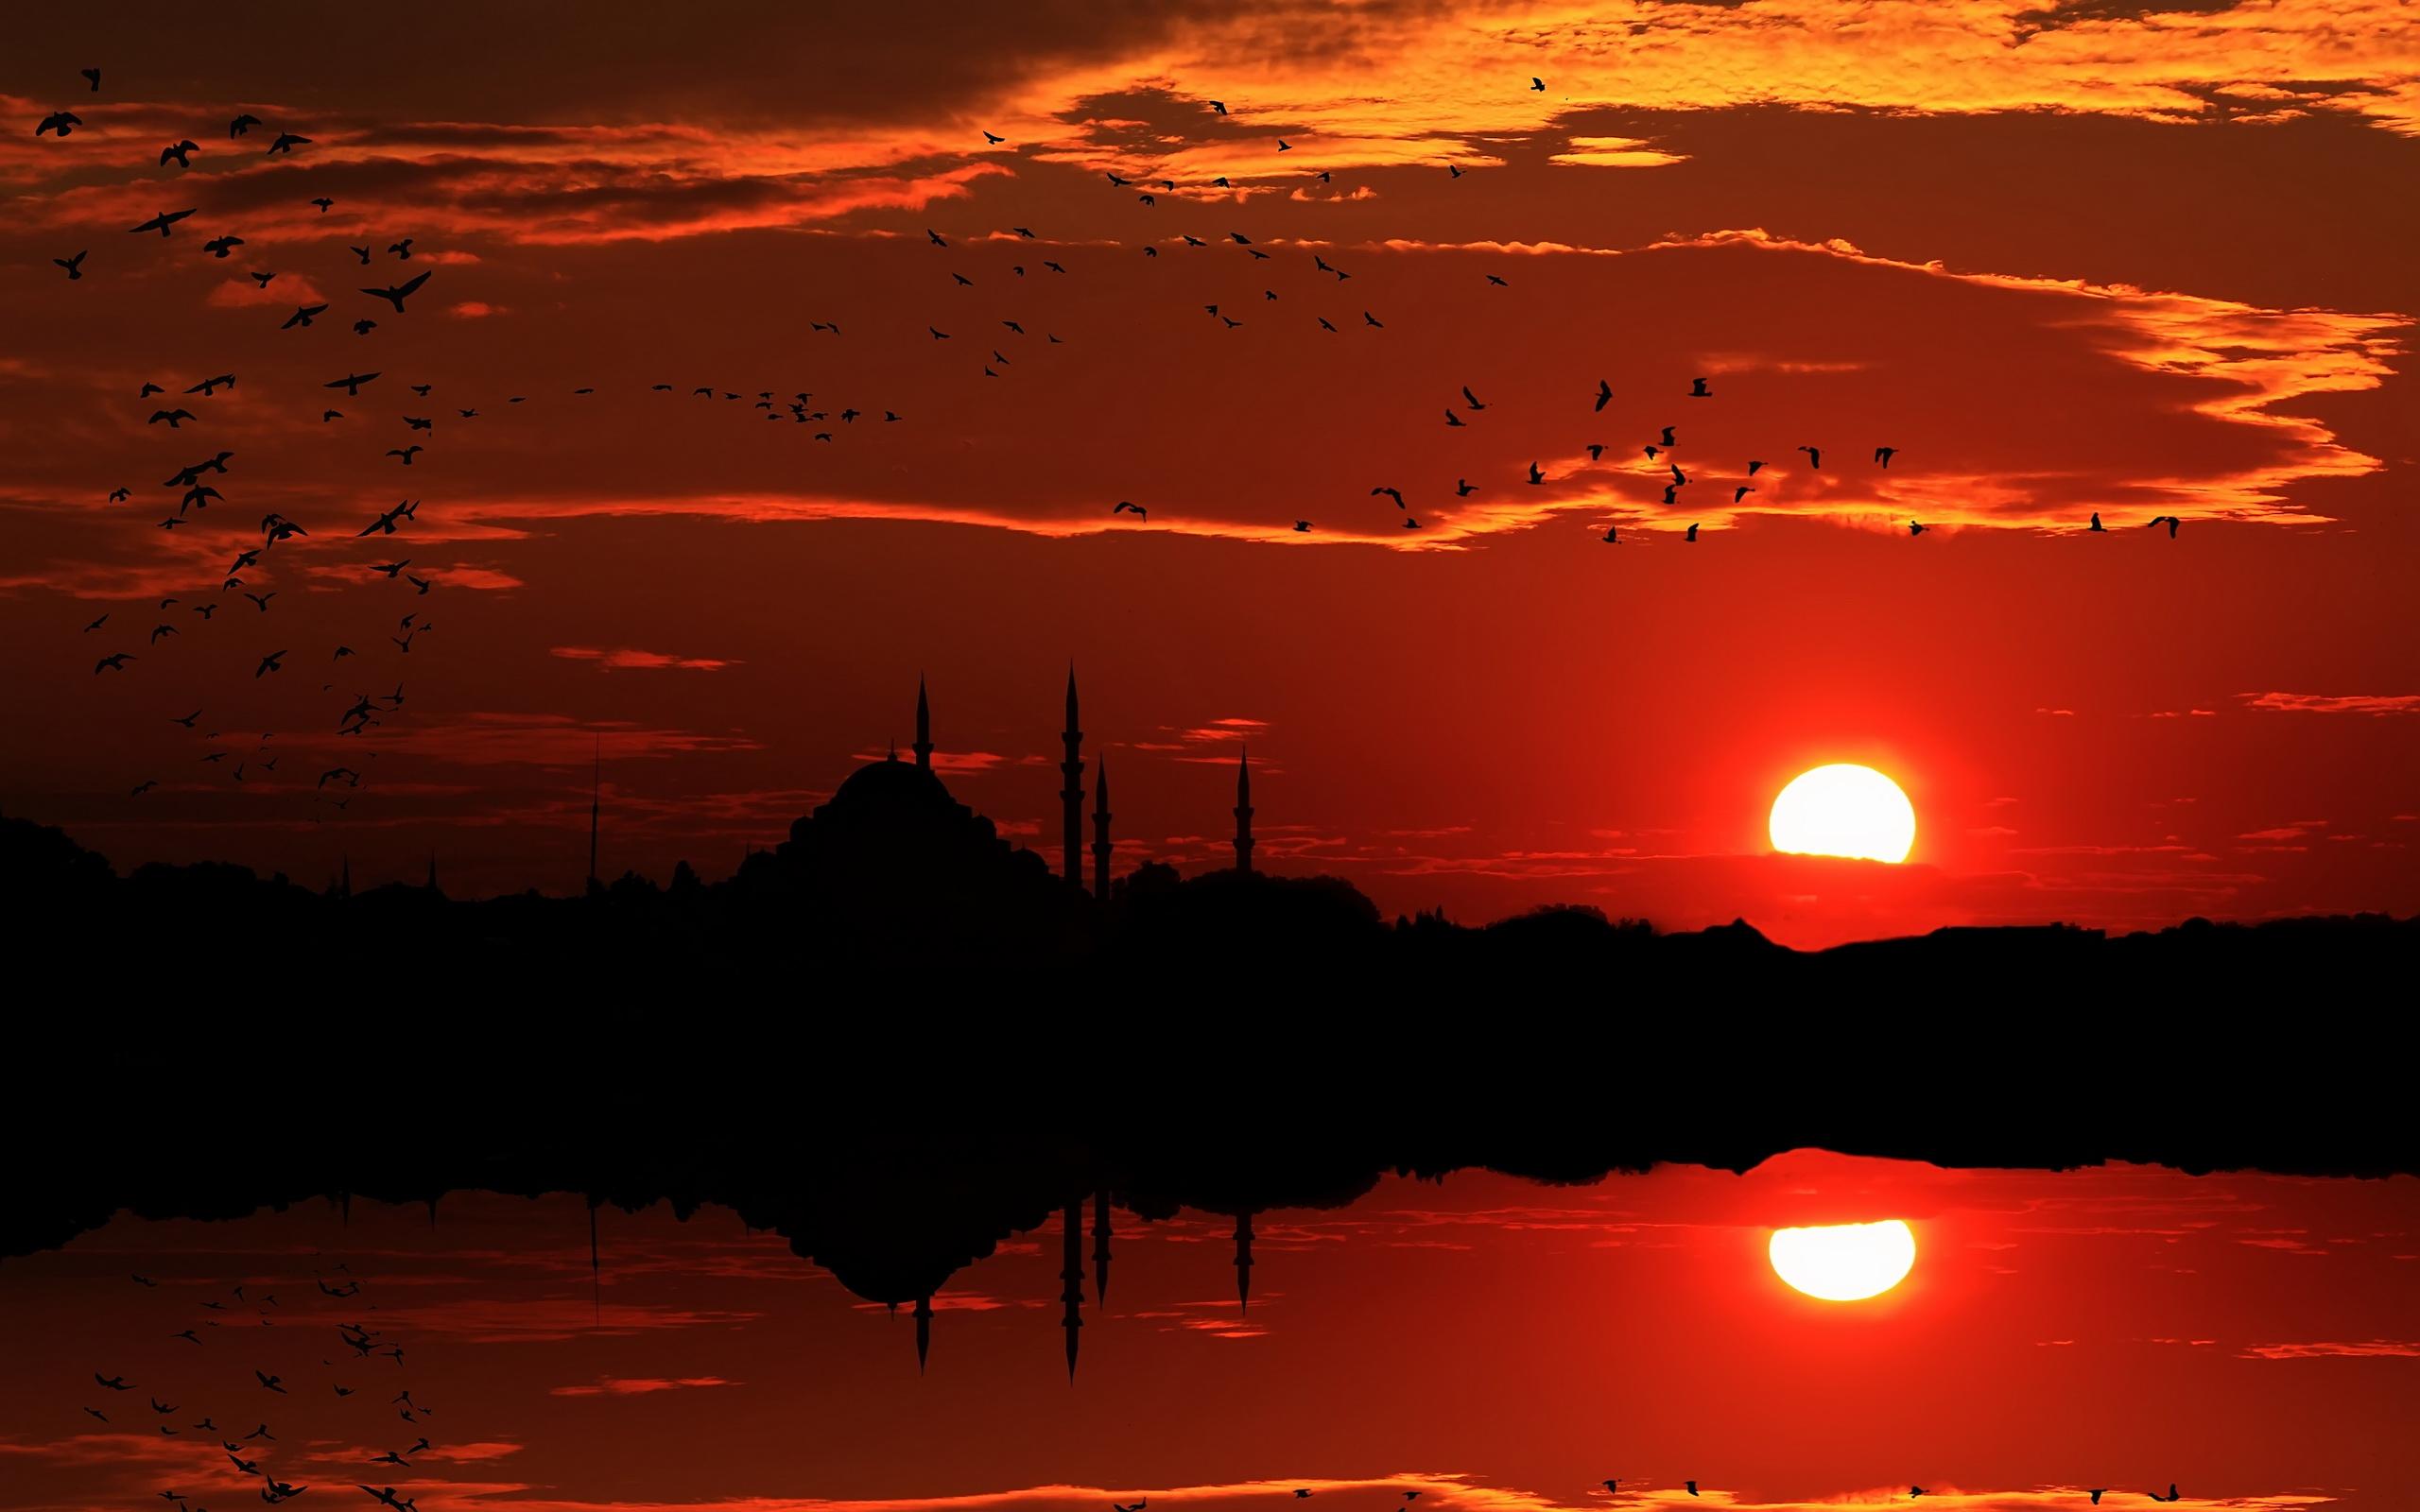 Istanbul Hd Duvar Kağıdı Arka Plan 2560x1600 Id602801